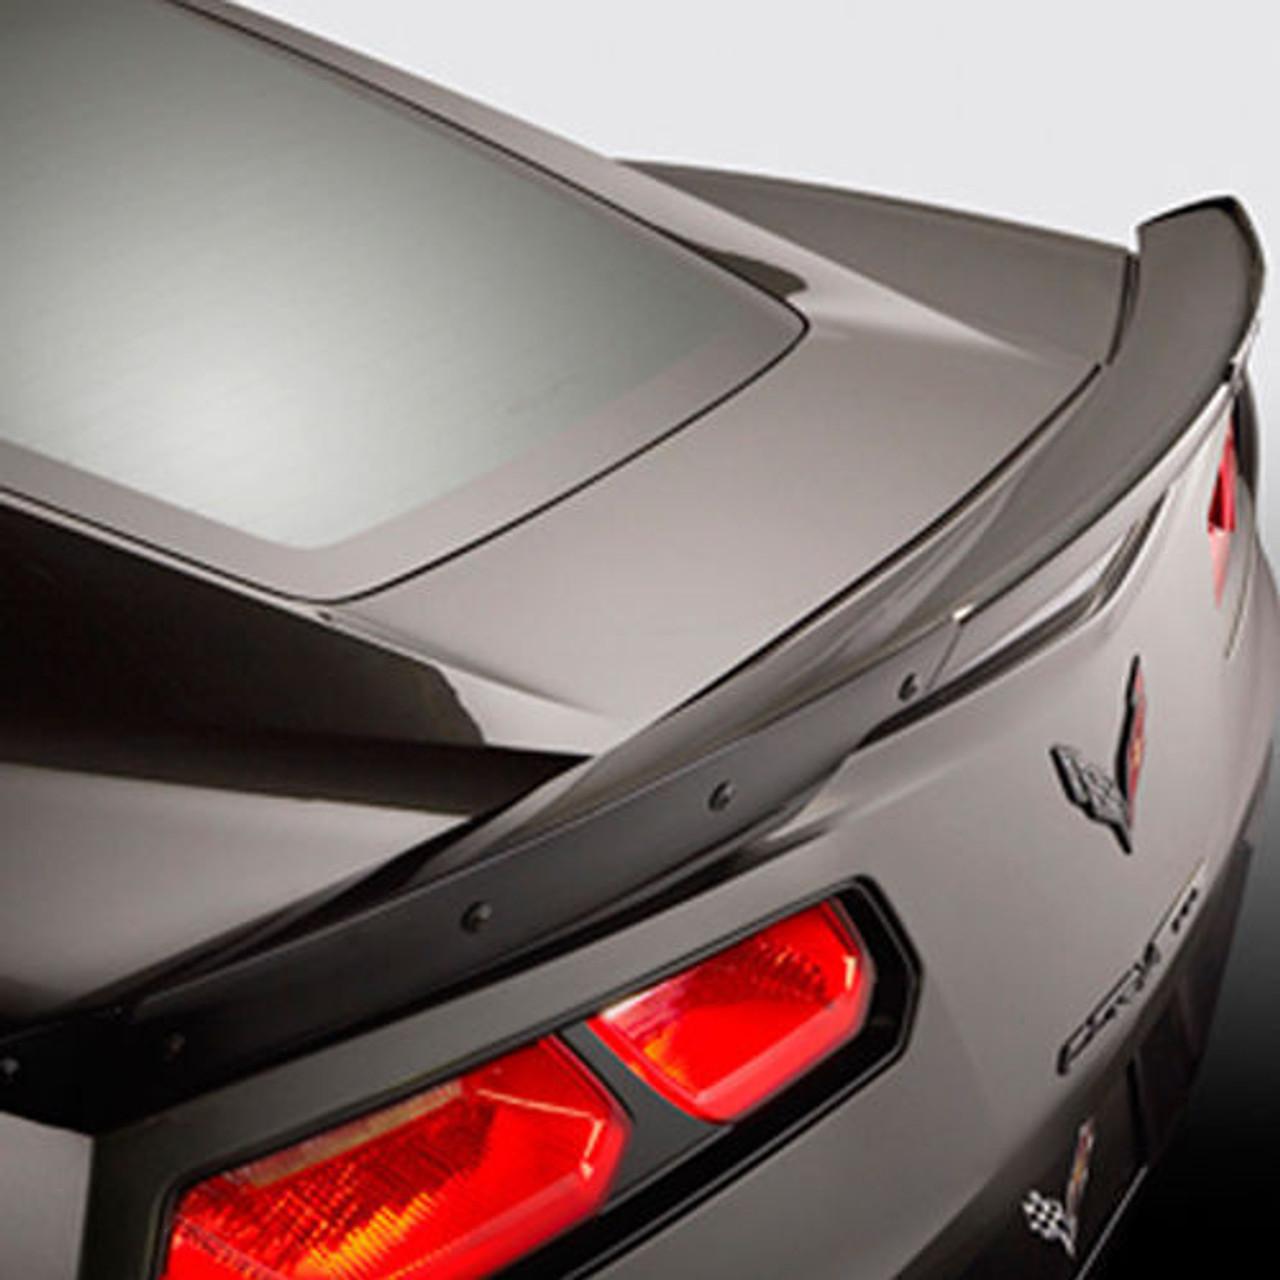 C7 Gm Z06 Rear Spoiler Carbon Flash Corvette World Parts